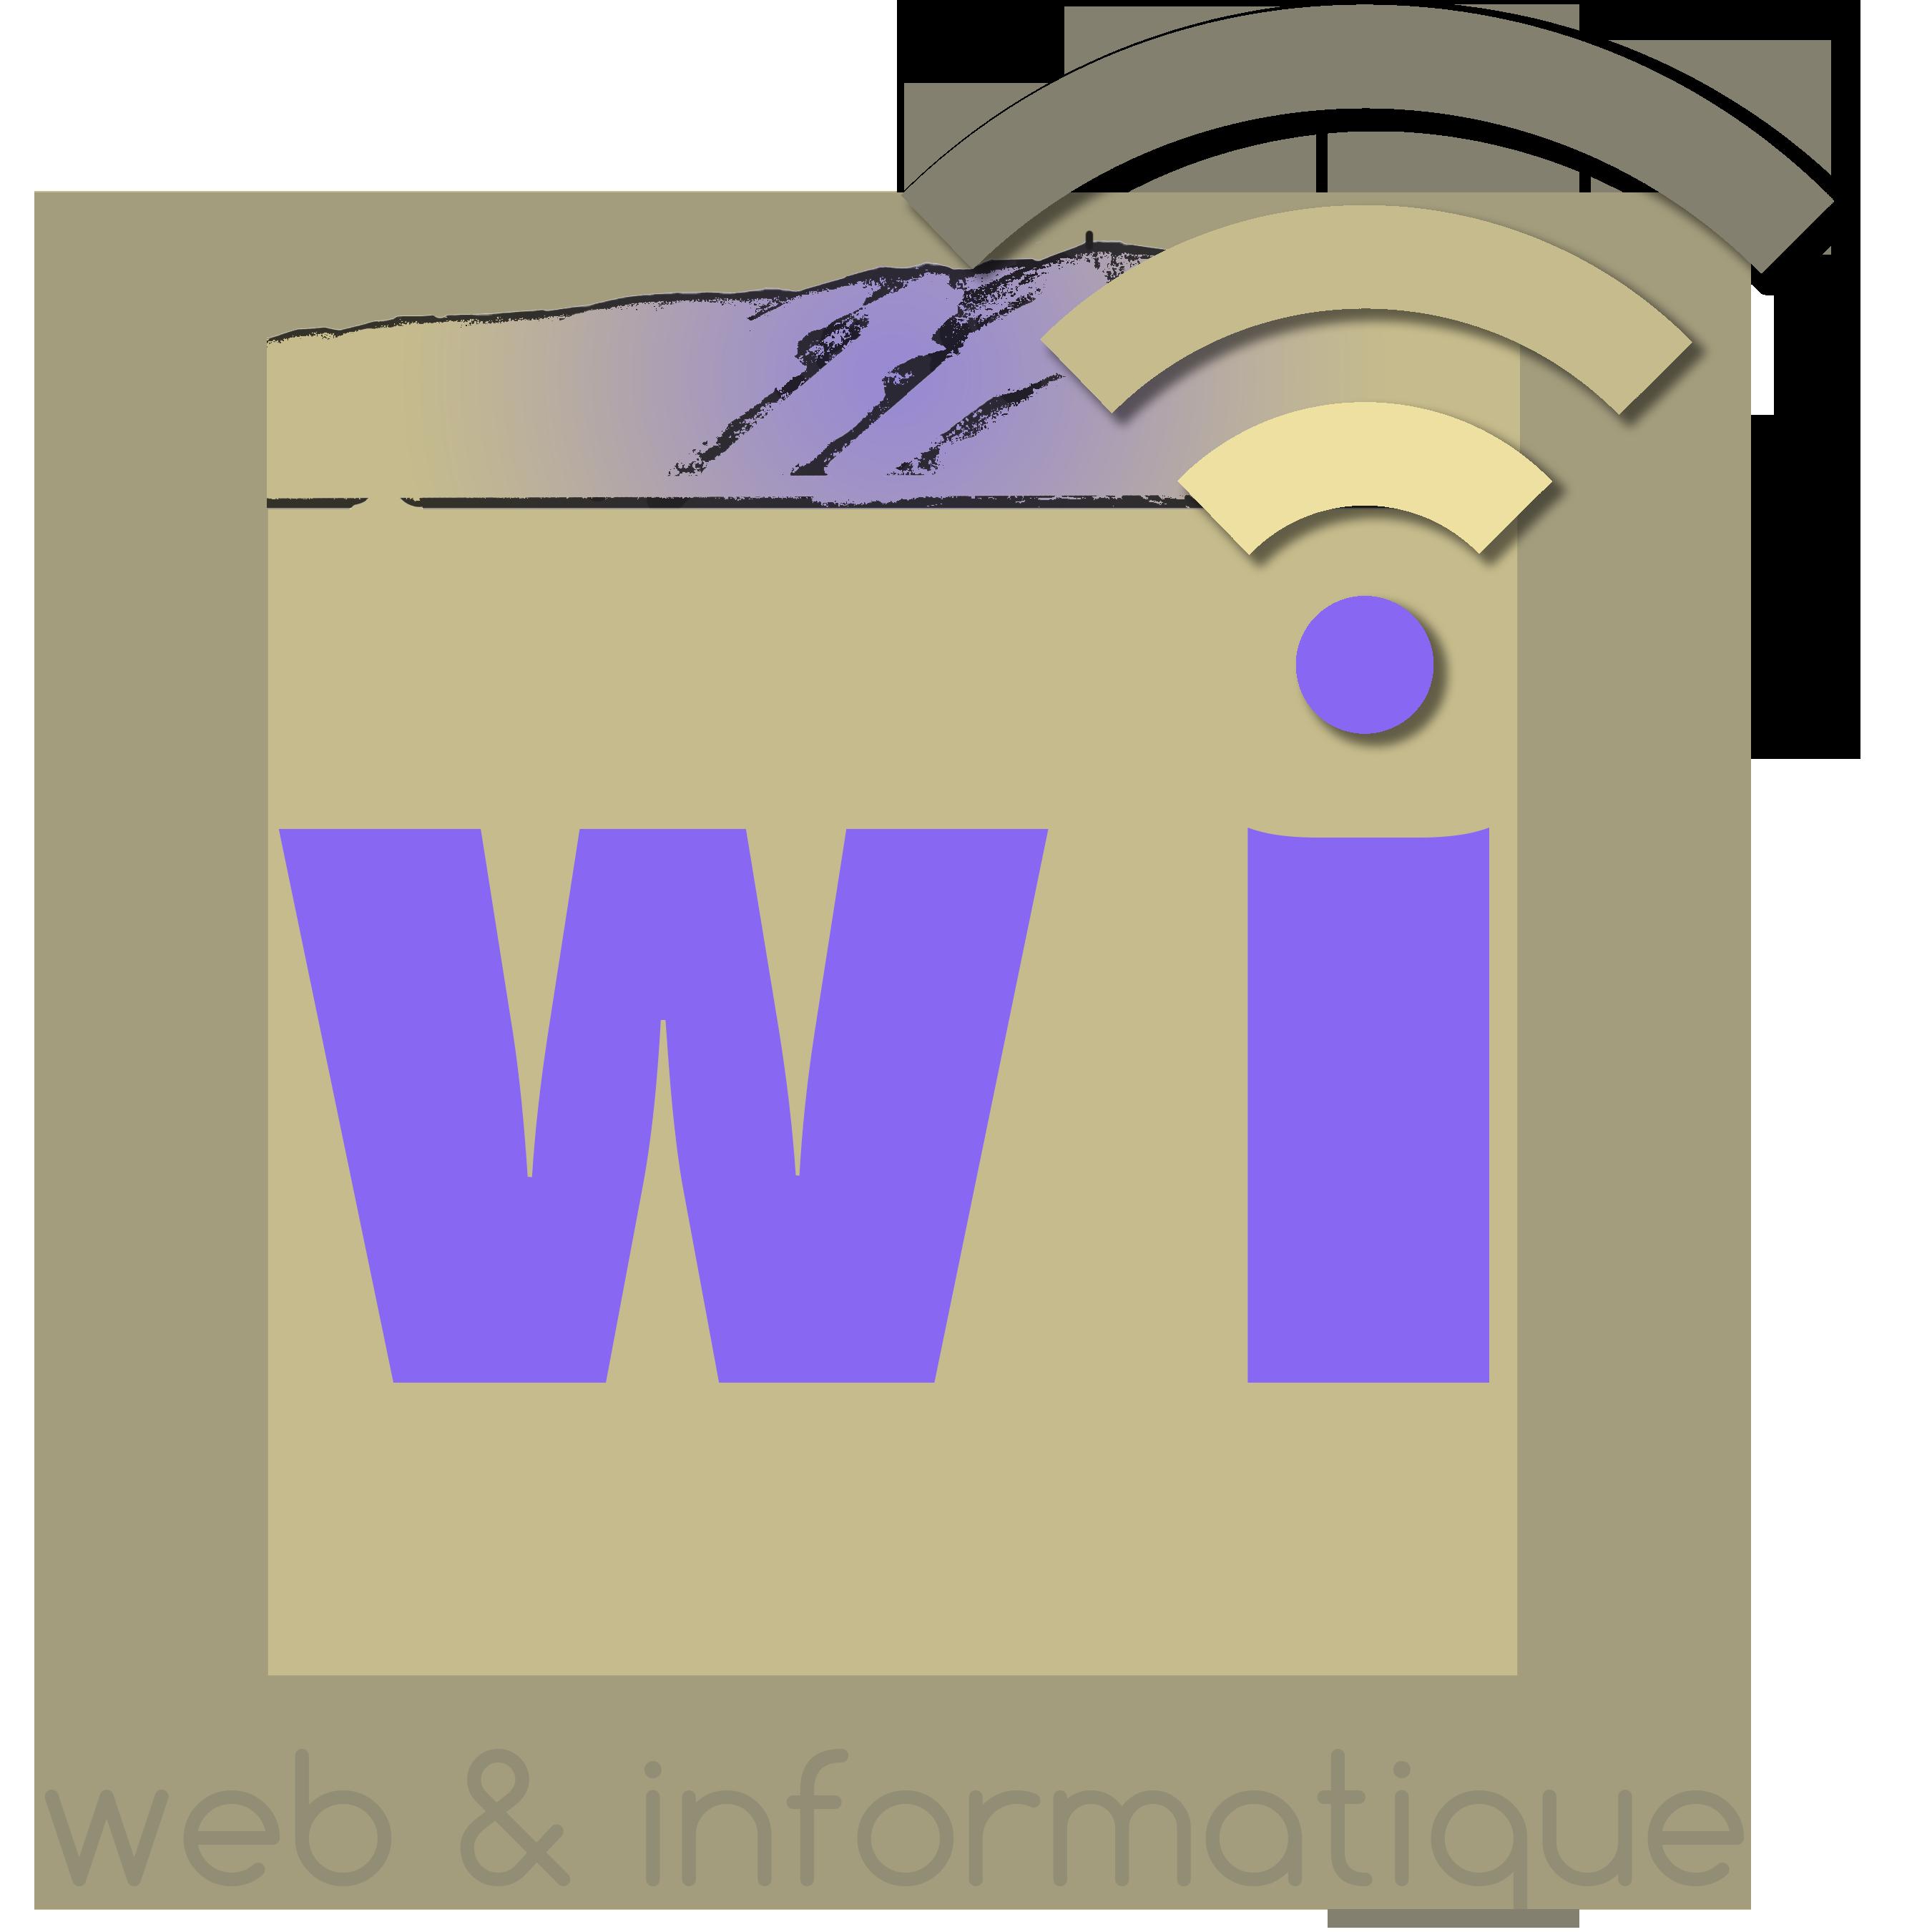 Web et Informatique en Luberon de Apt à Cavaillon - Particuliers, Professionels & Sites internets